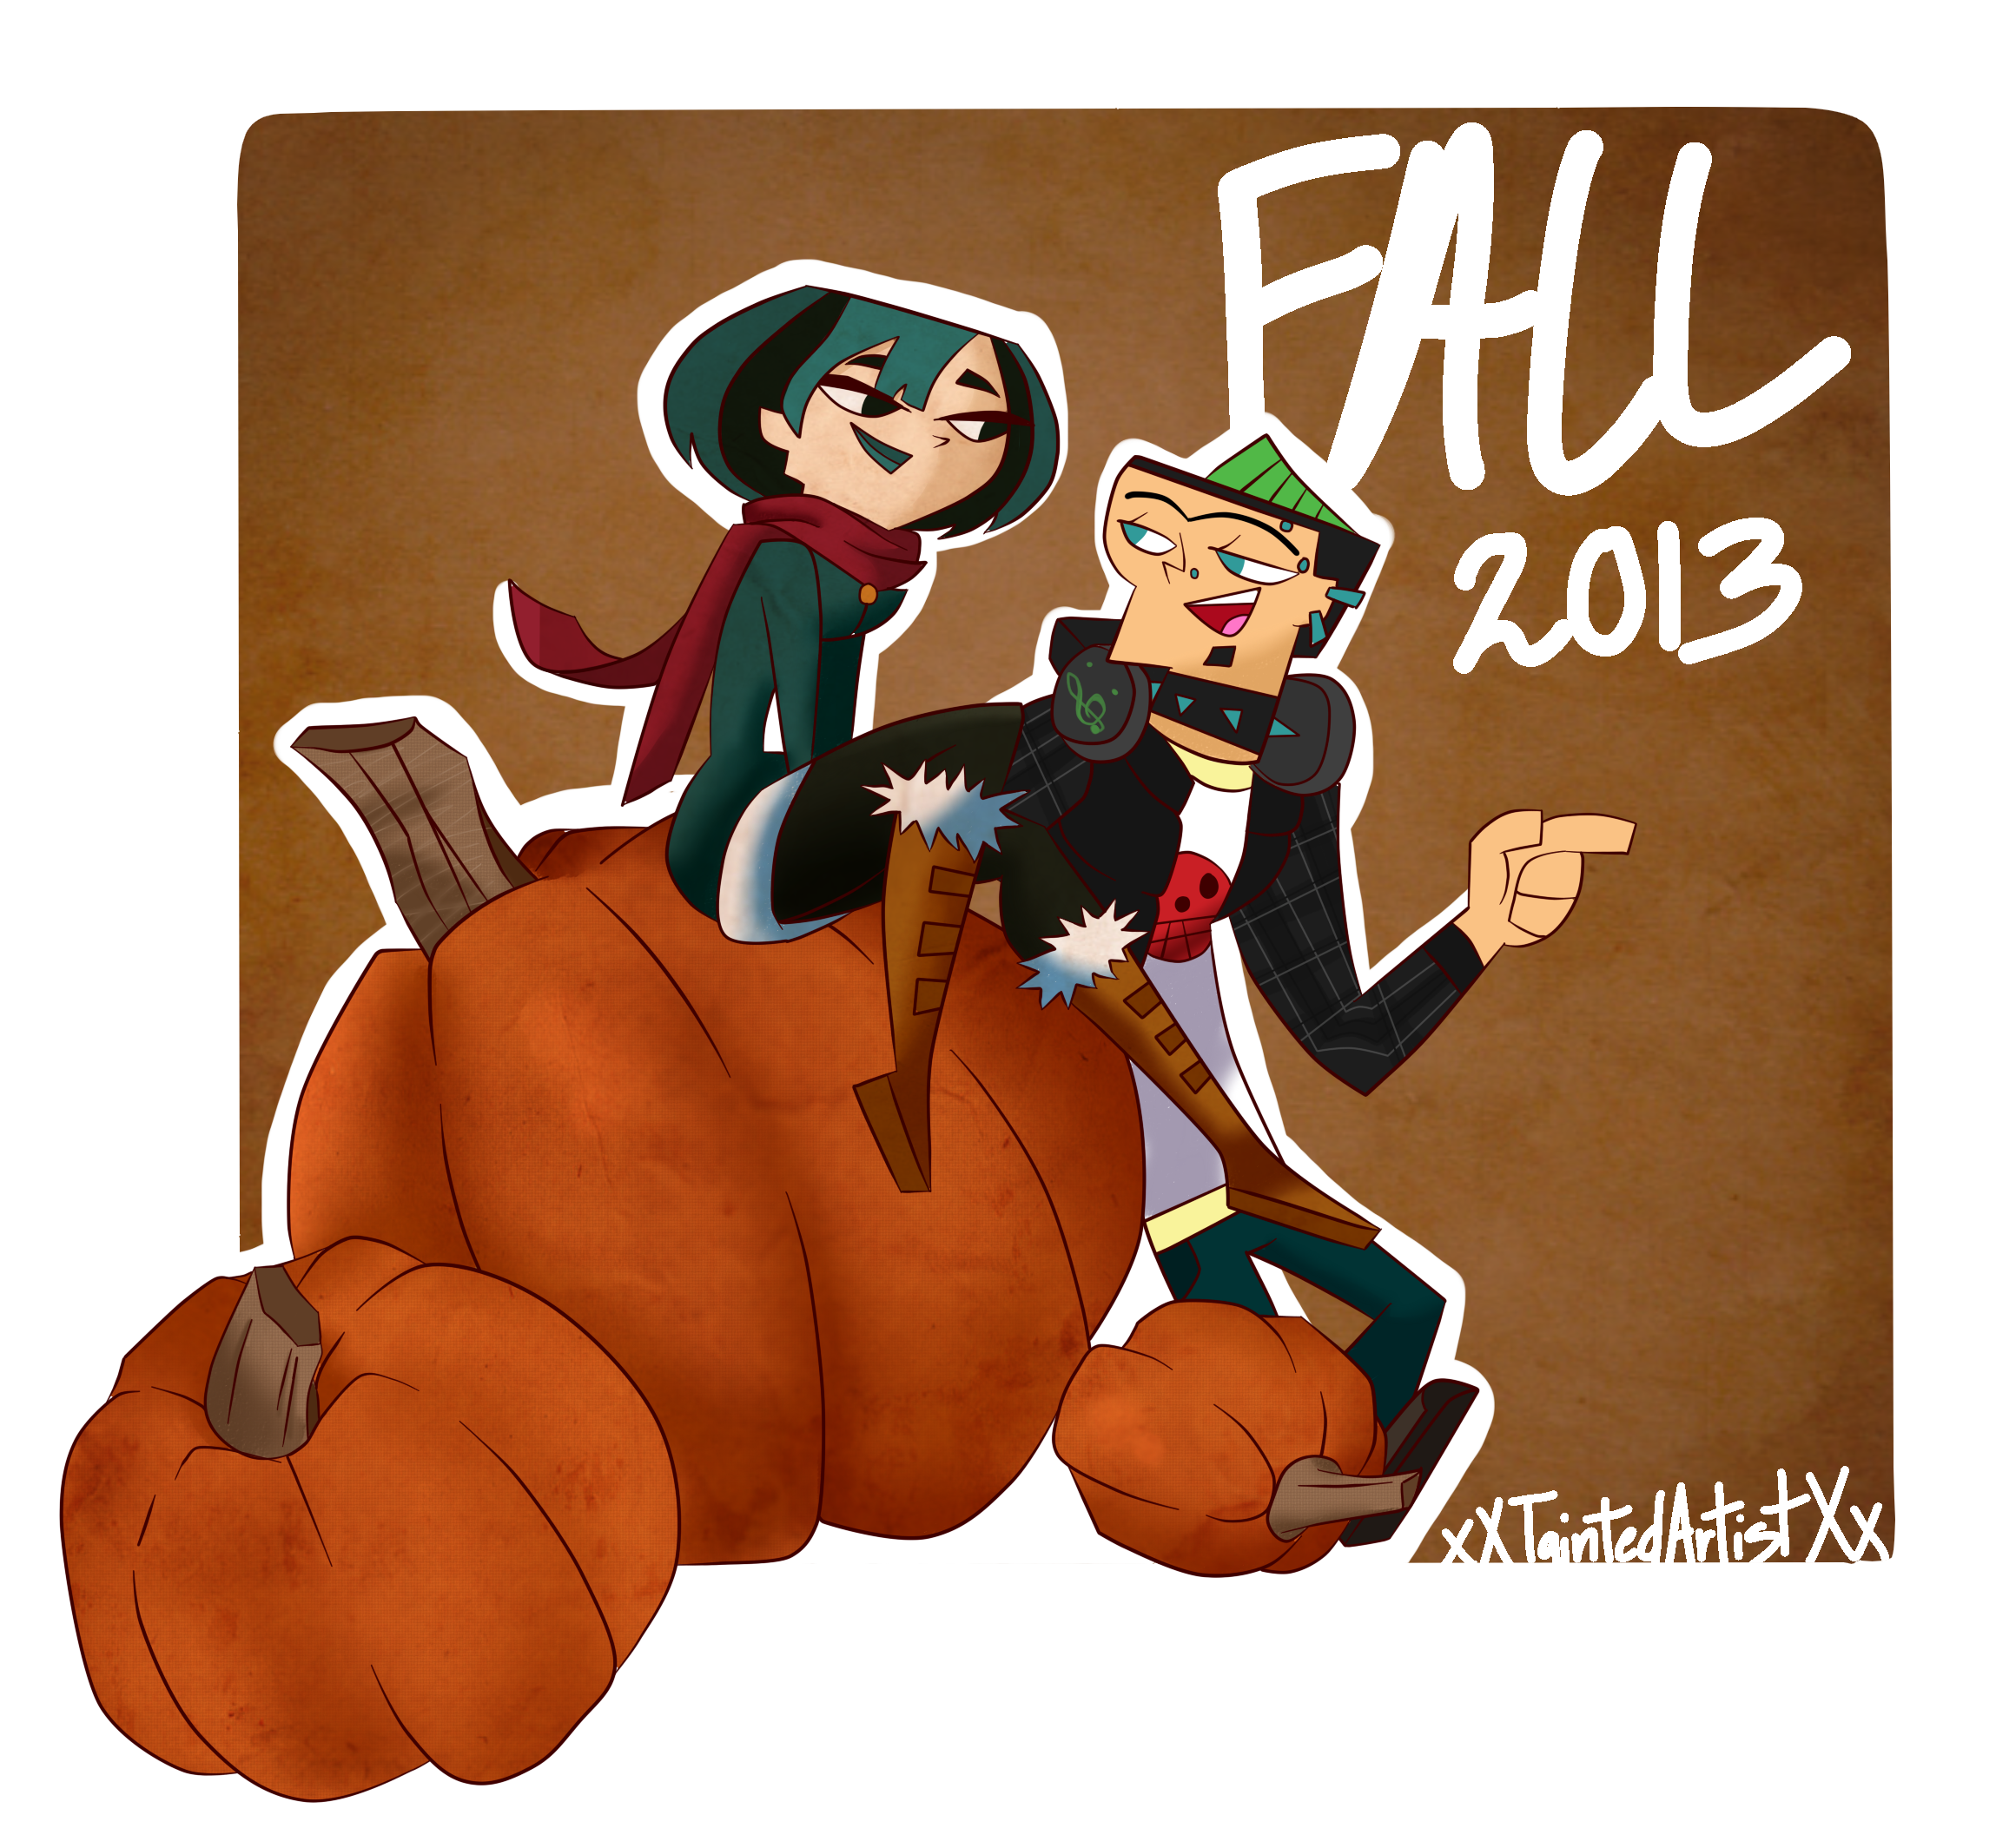 Serene as Fall